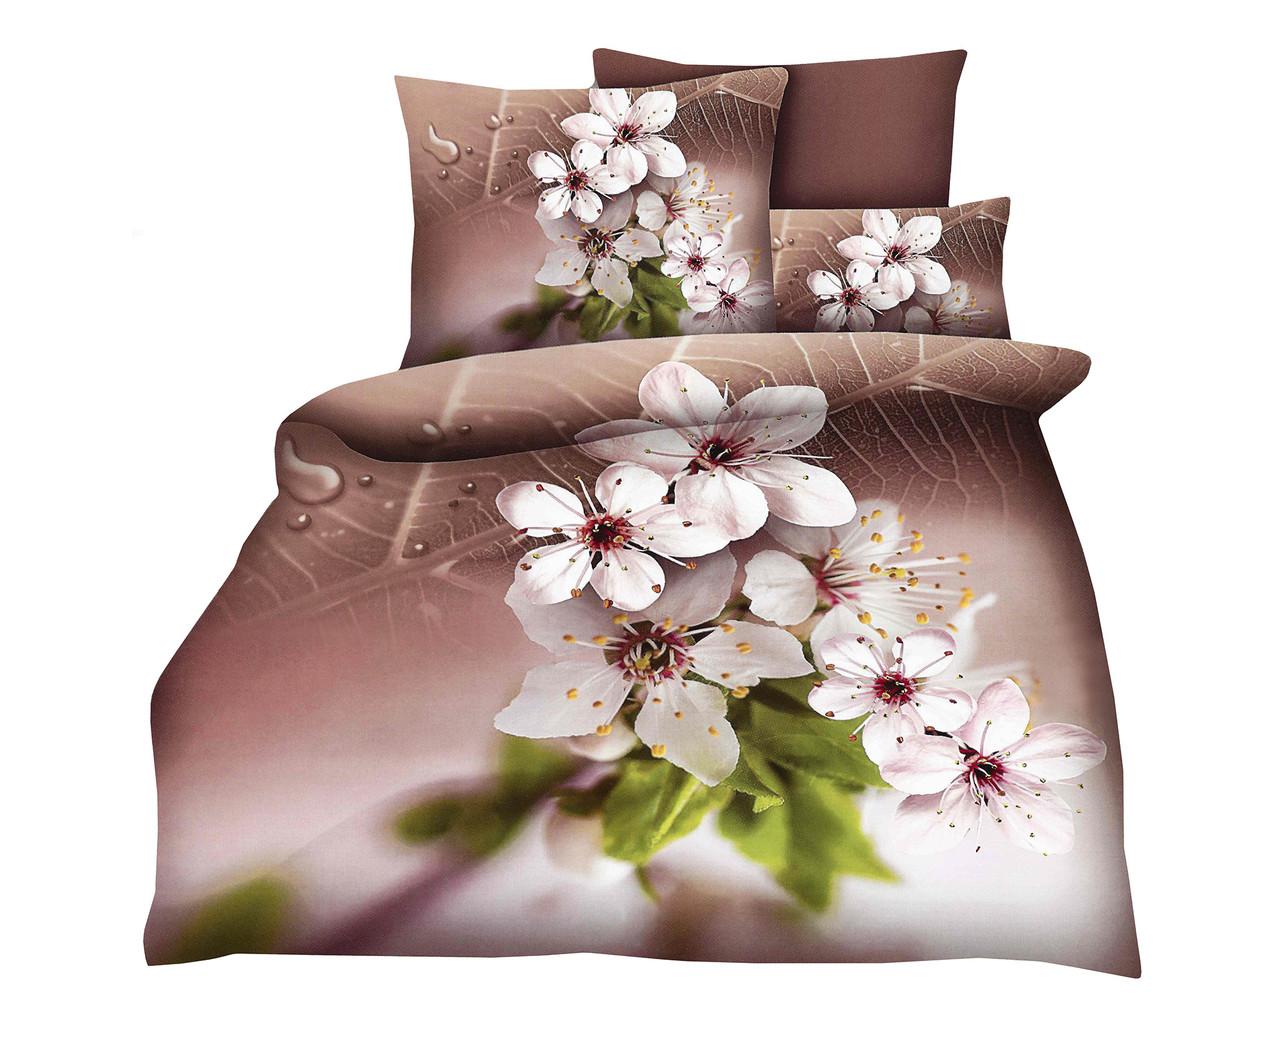 Комплект постельного белья Микроволокно HXDD-752 С цветочным узором M&M 0947 Бежевый, Кремовый, Коричневый